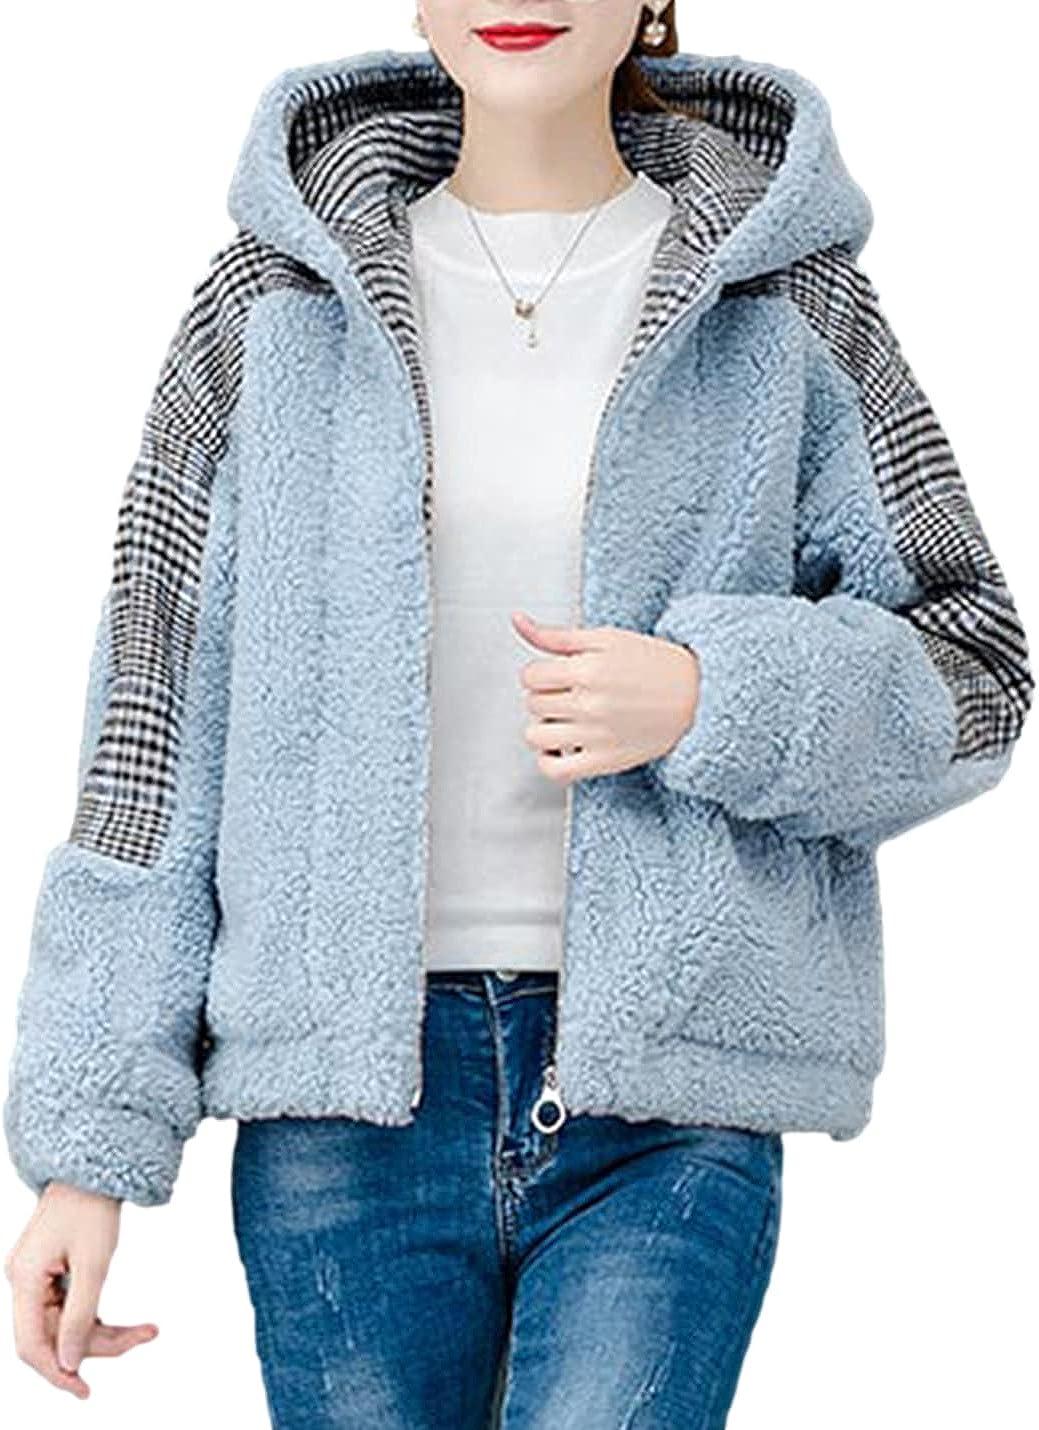 PUWEI Women's Faux Fur Coat Fuzzy Lovely Fleece Shearling Zipper Jacket with Hood